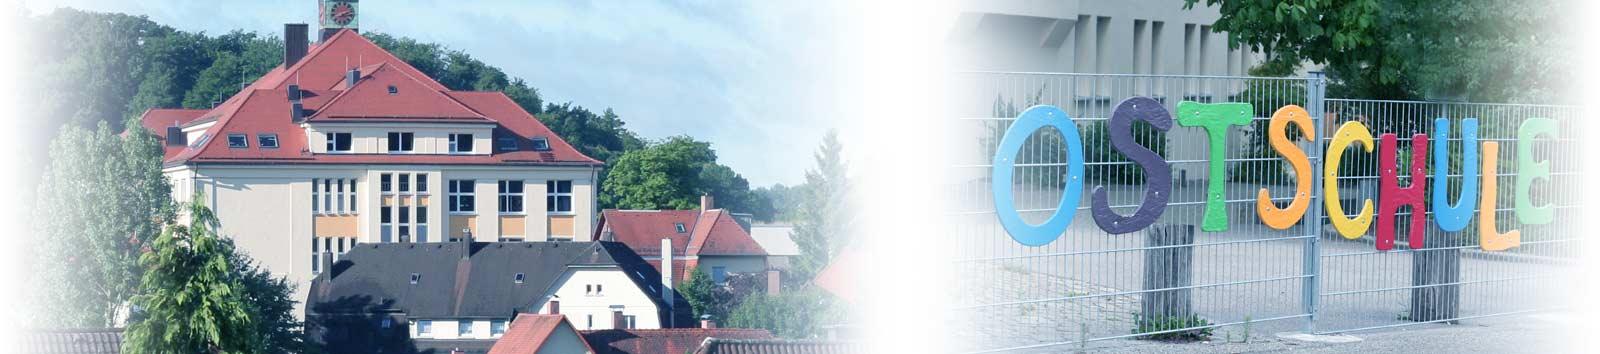 Ostschule Heidenheim